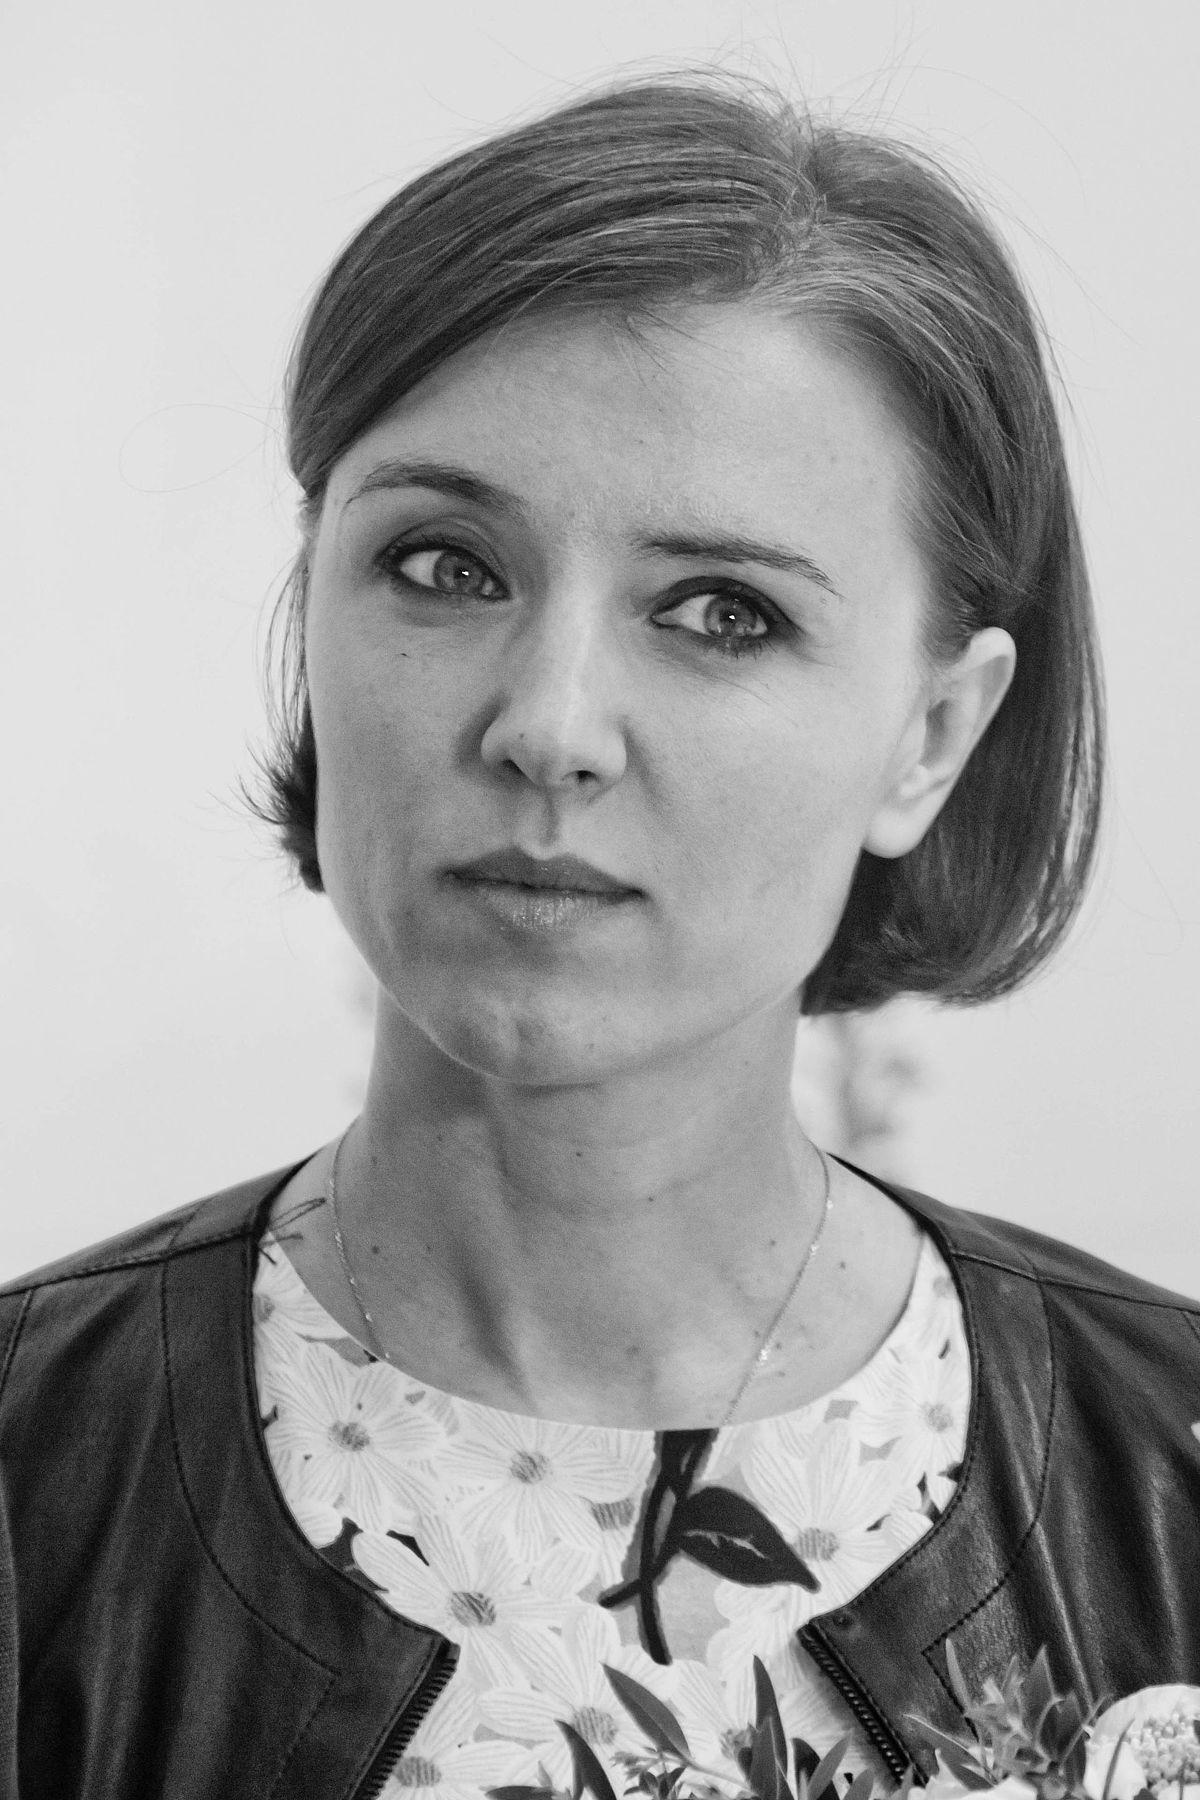 Ирина Алферова и Александр Абдулов: тайну их отношений не смог разгадать никто картинки